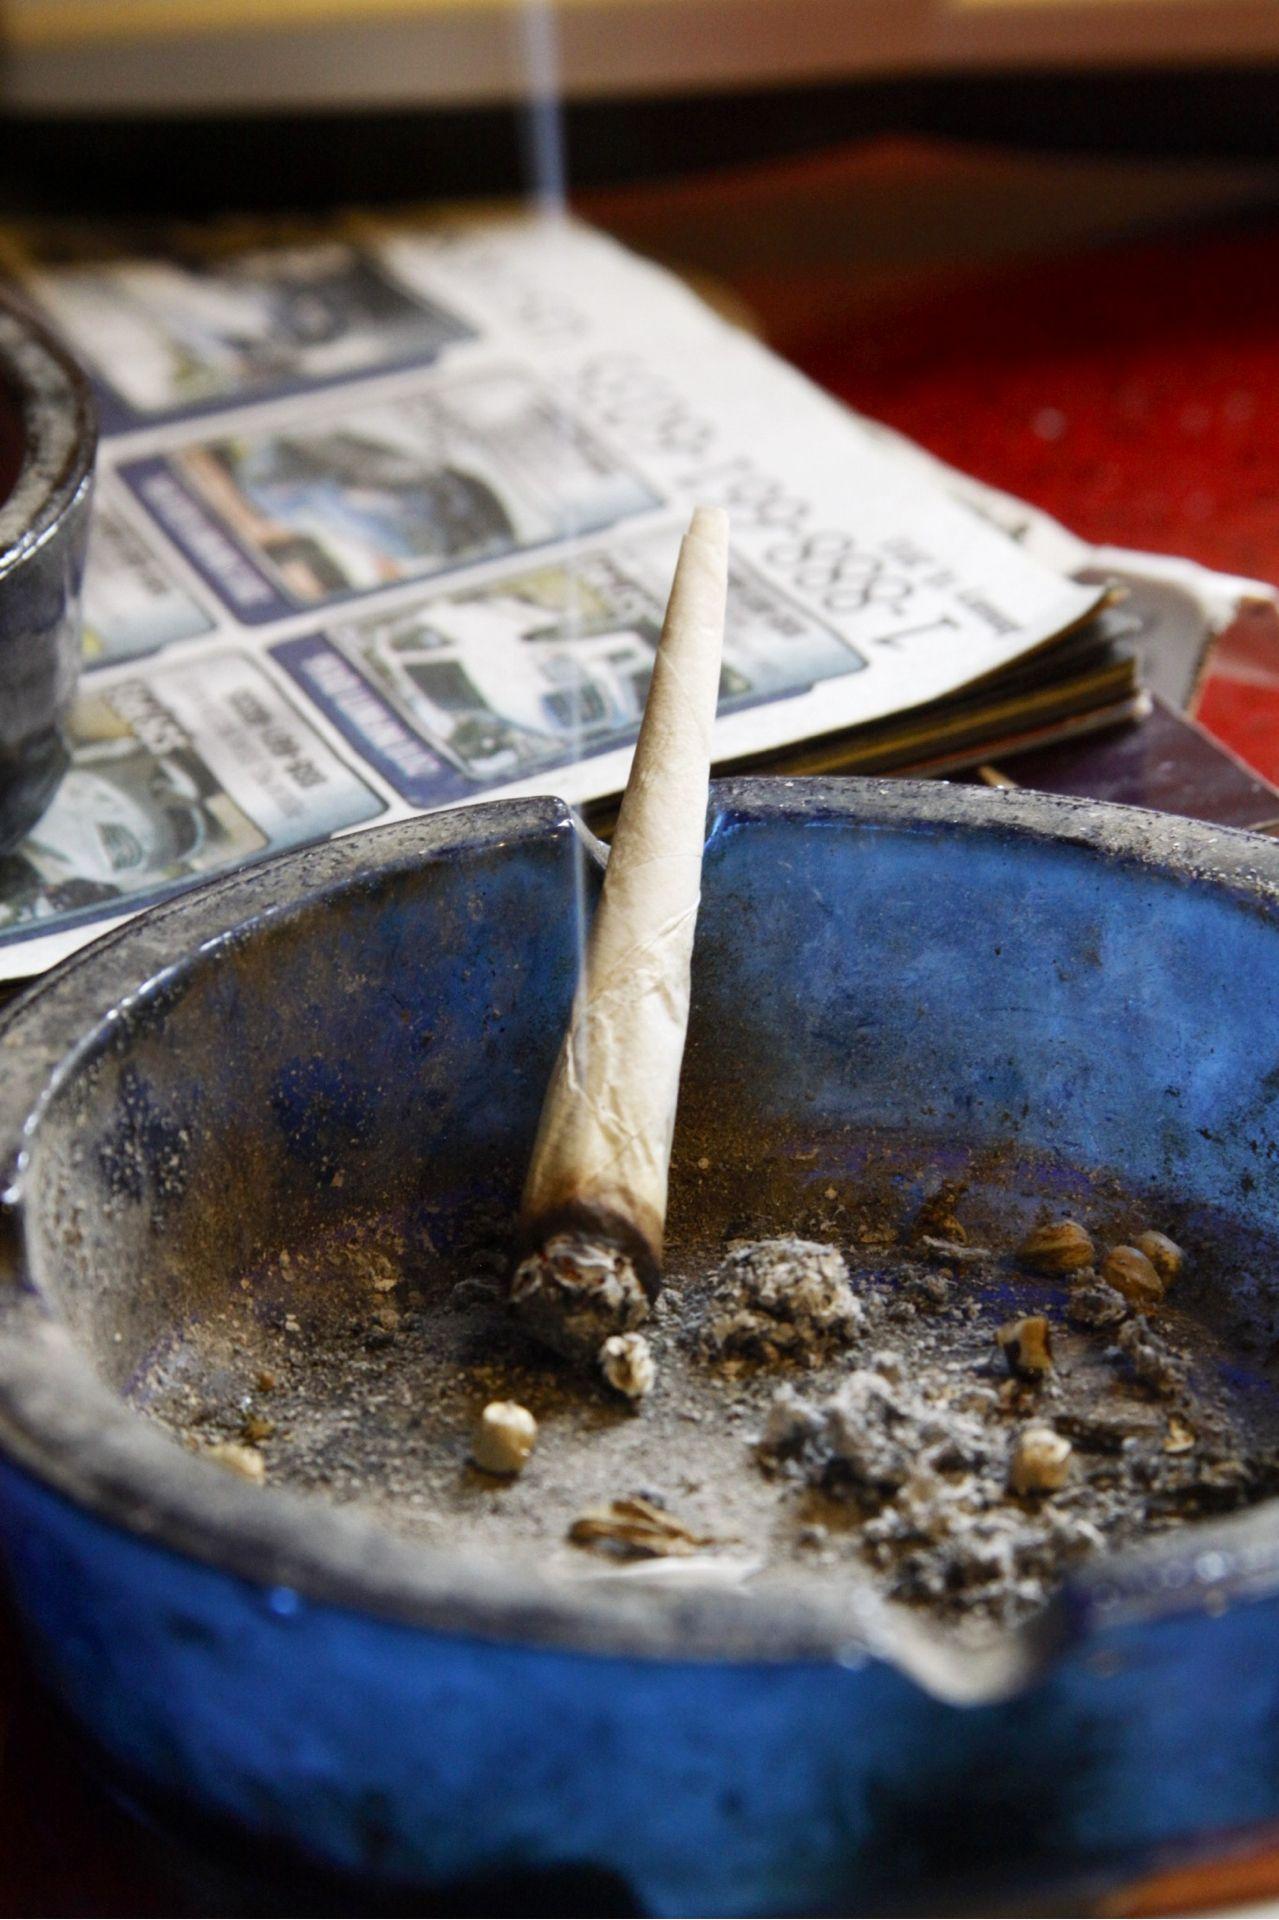 BOWL A SMOKE UM BAIXAR BONGO FUMAR